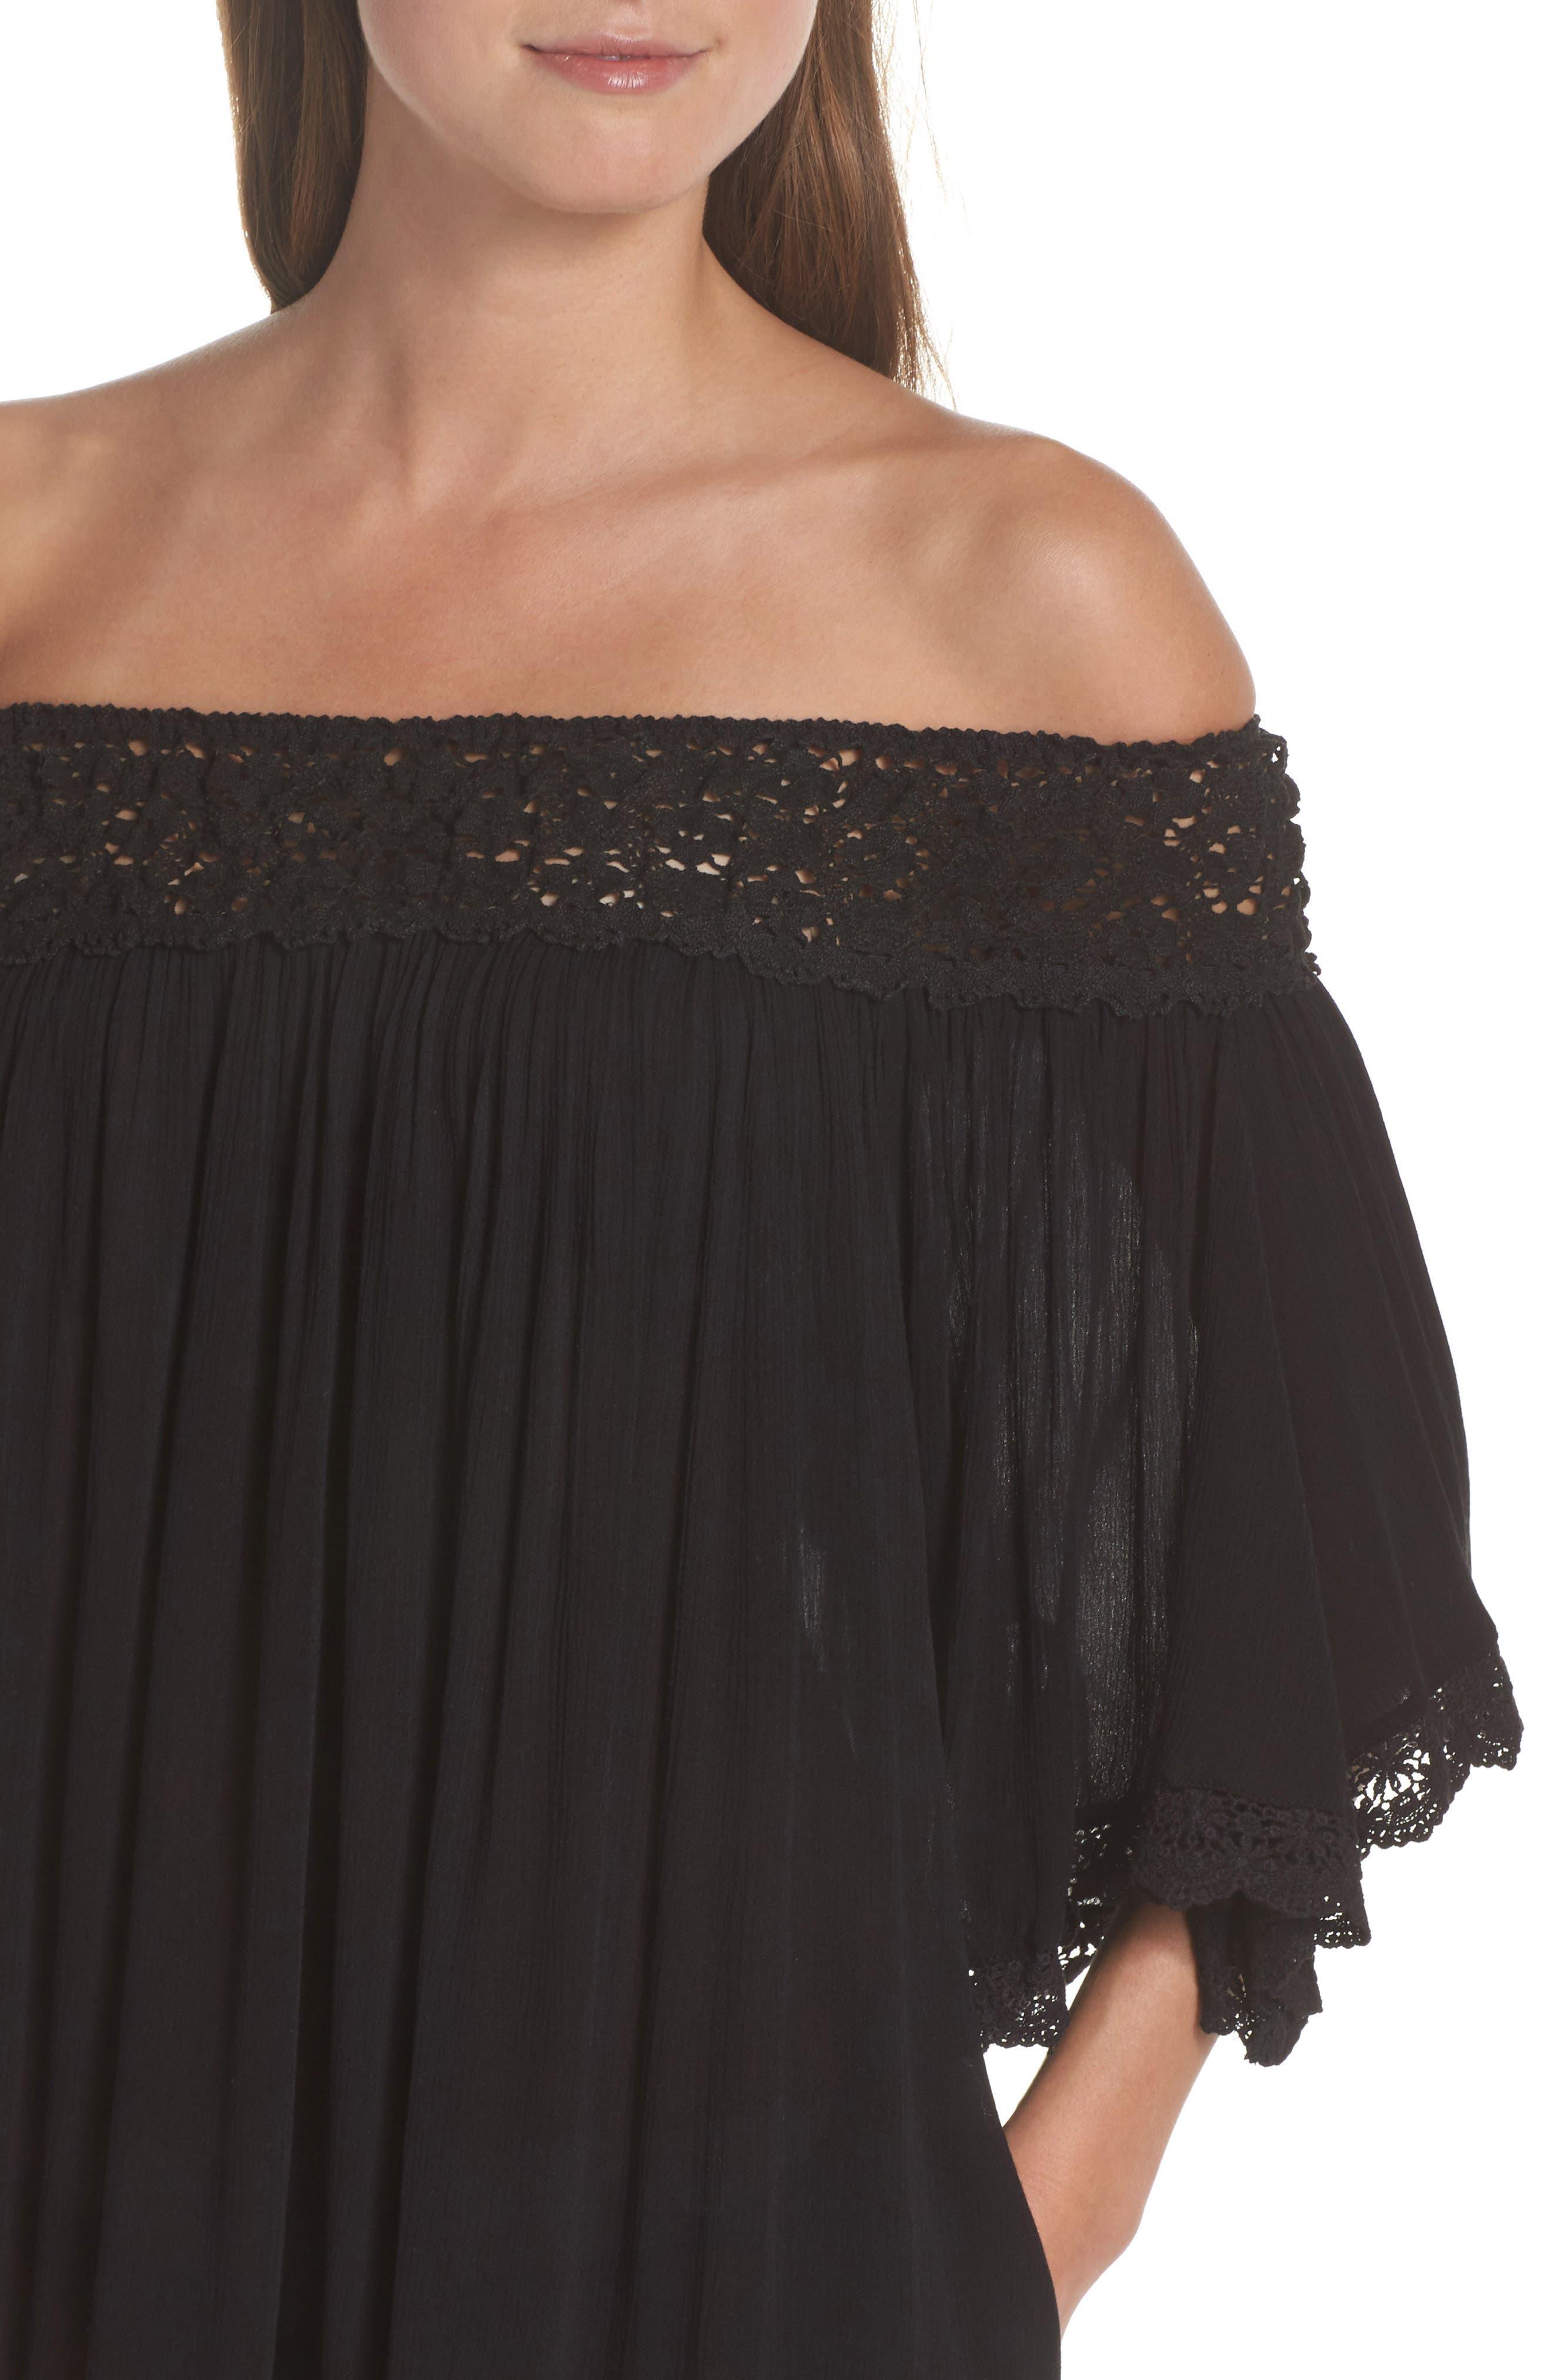 Rimini Crochet Cover-Up Dress,                             Alternate thumbnail 4, color,                             Black